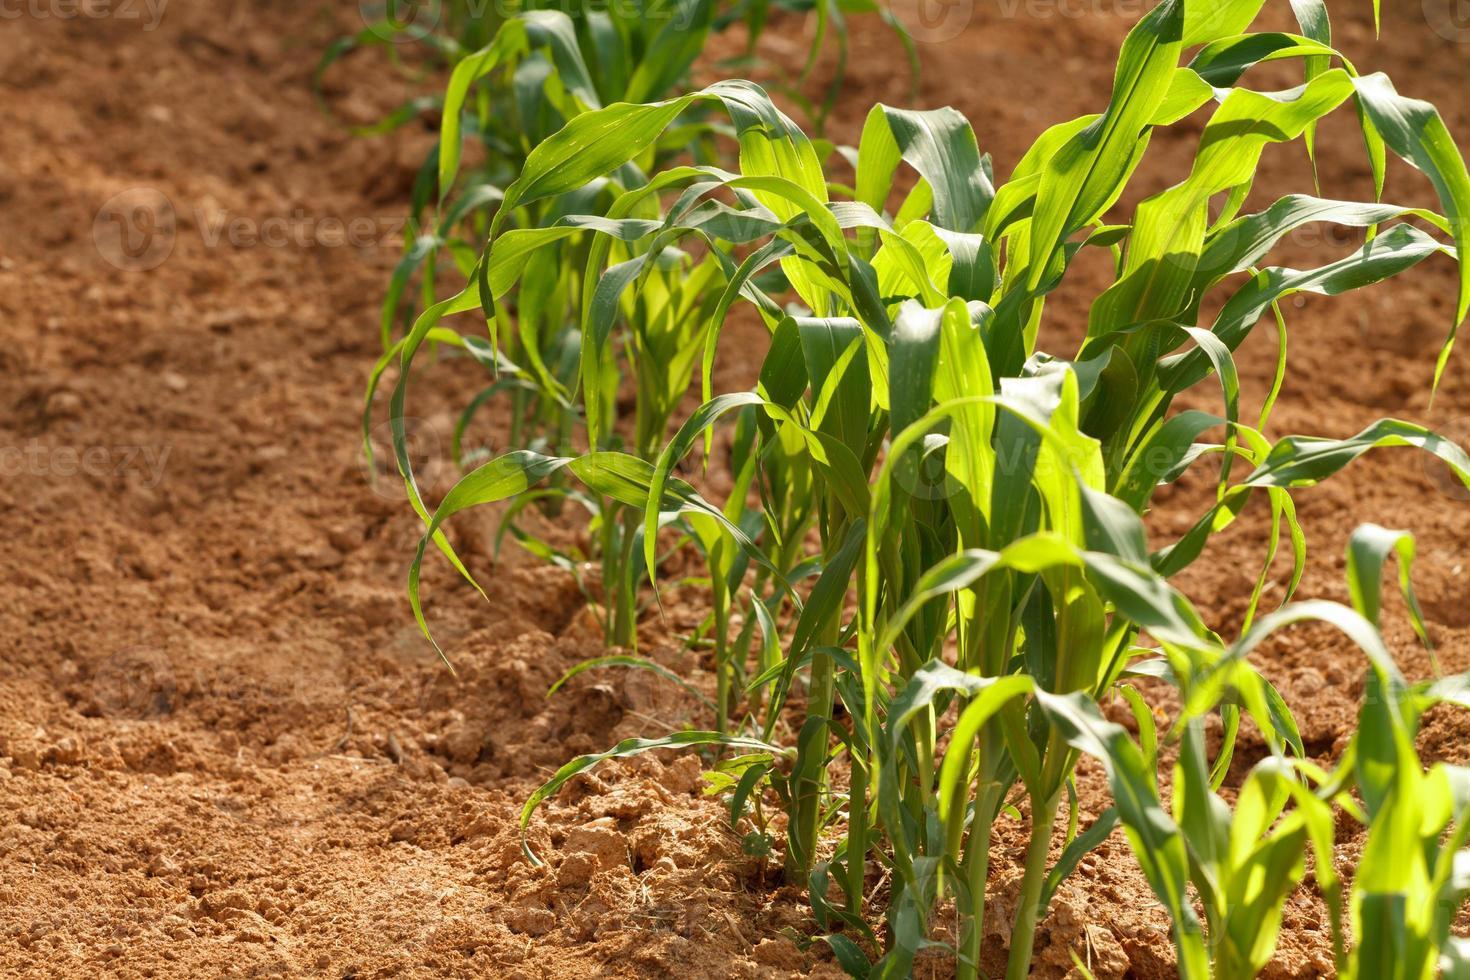 hilera de plantas jóvenes de maíz en un jardín campestre foto